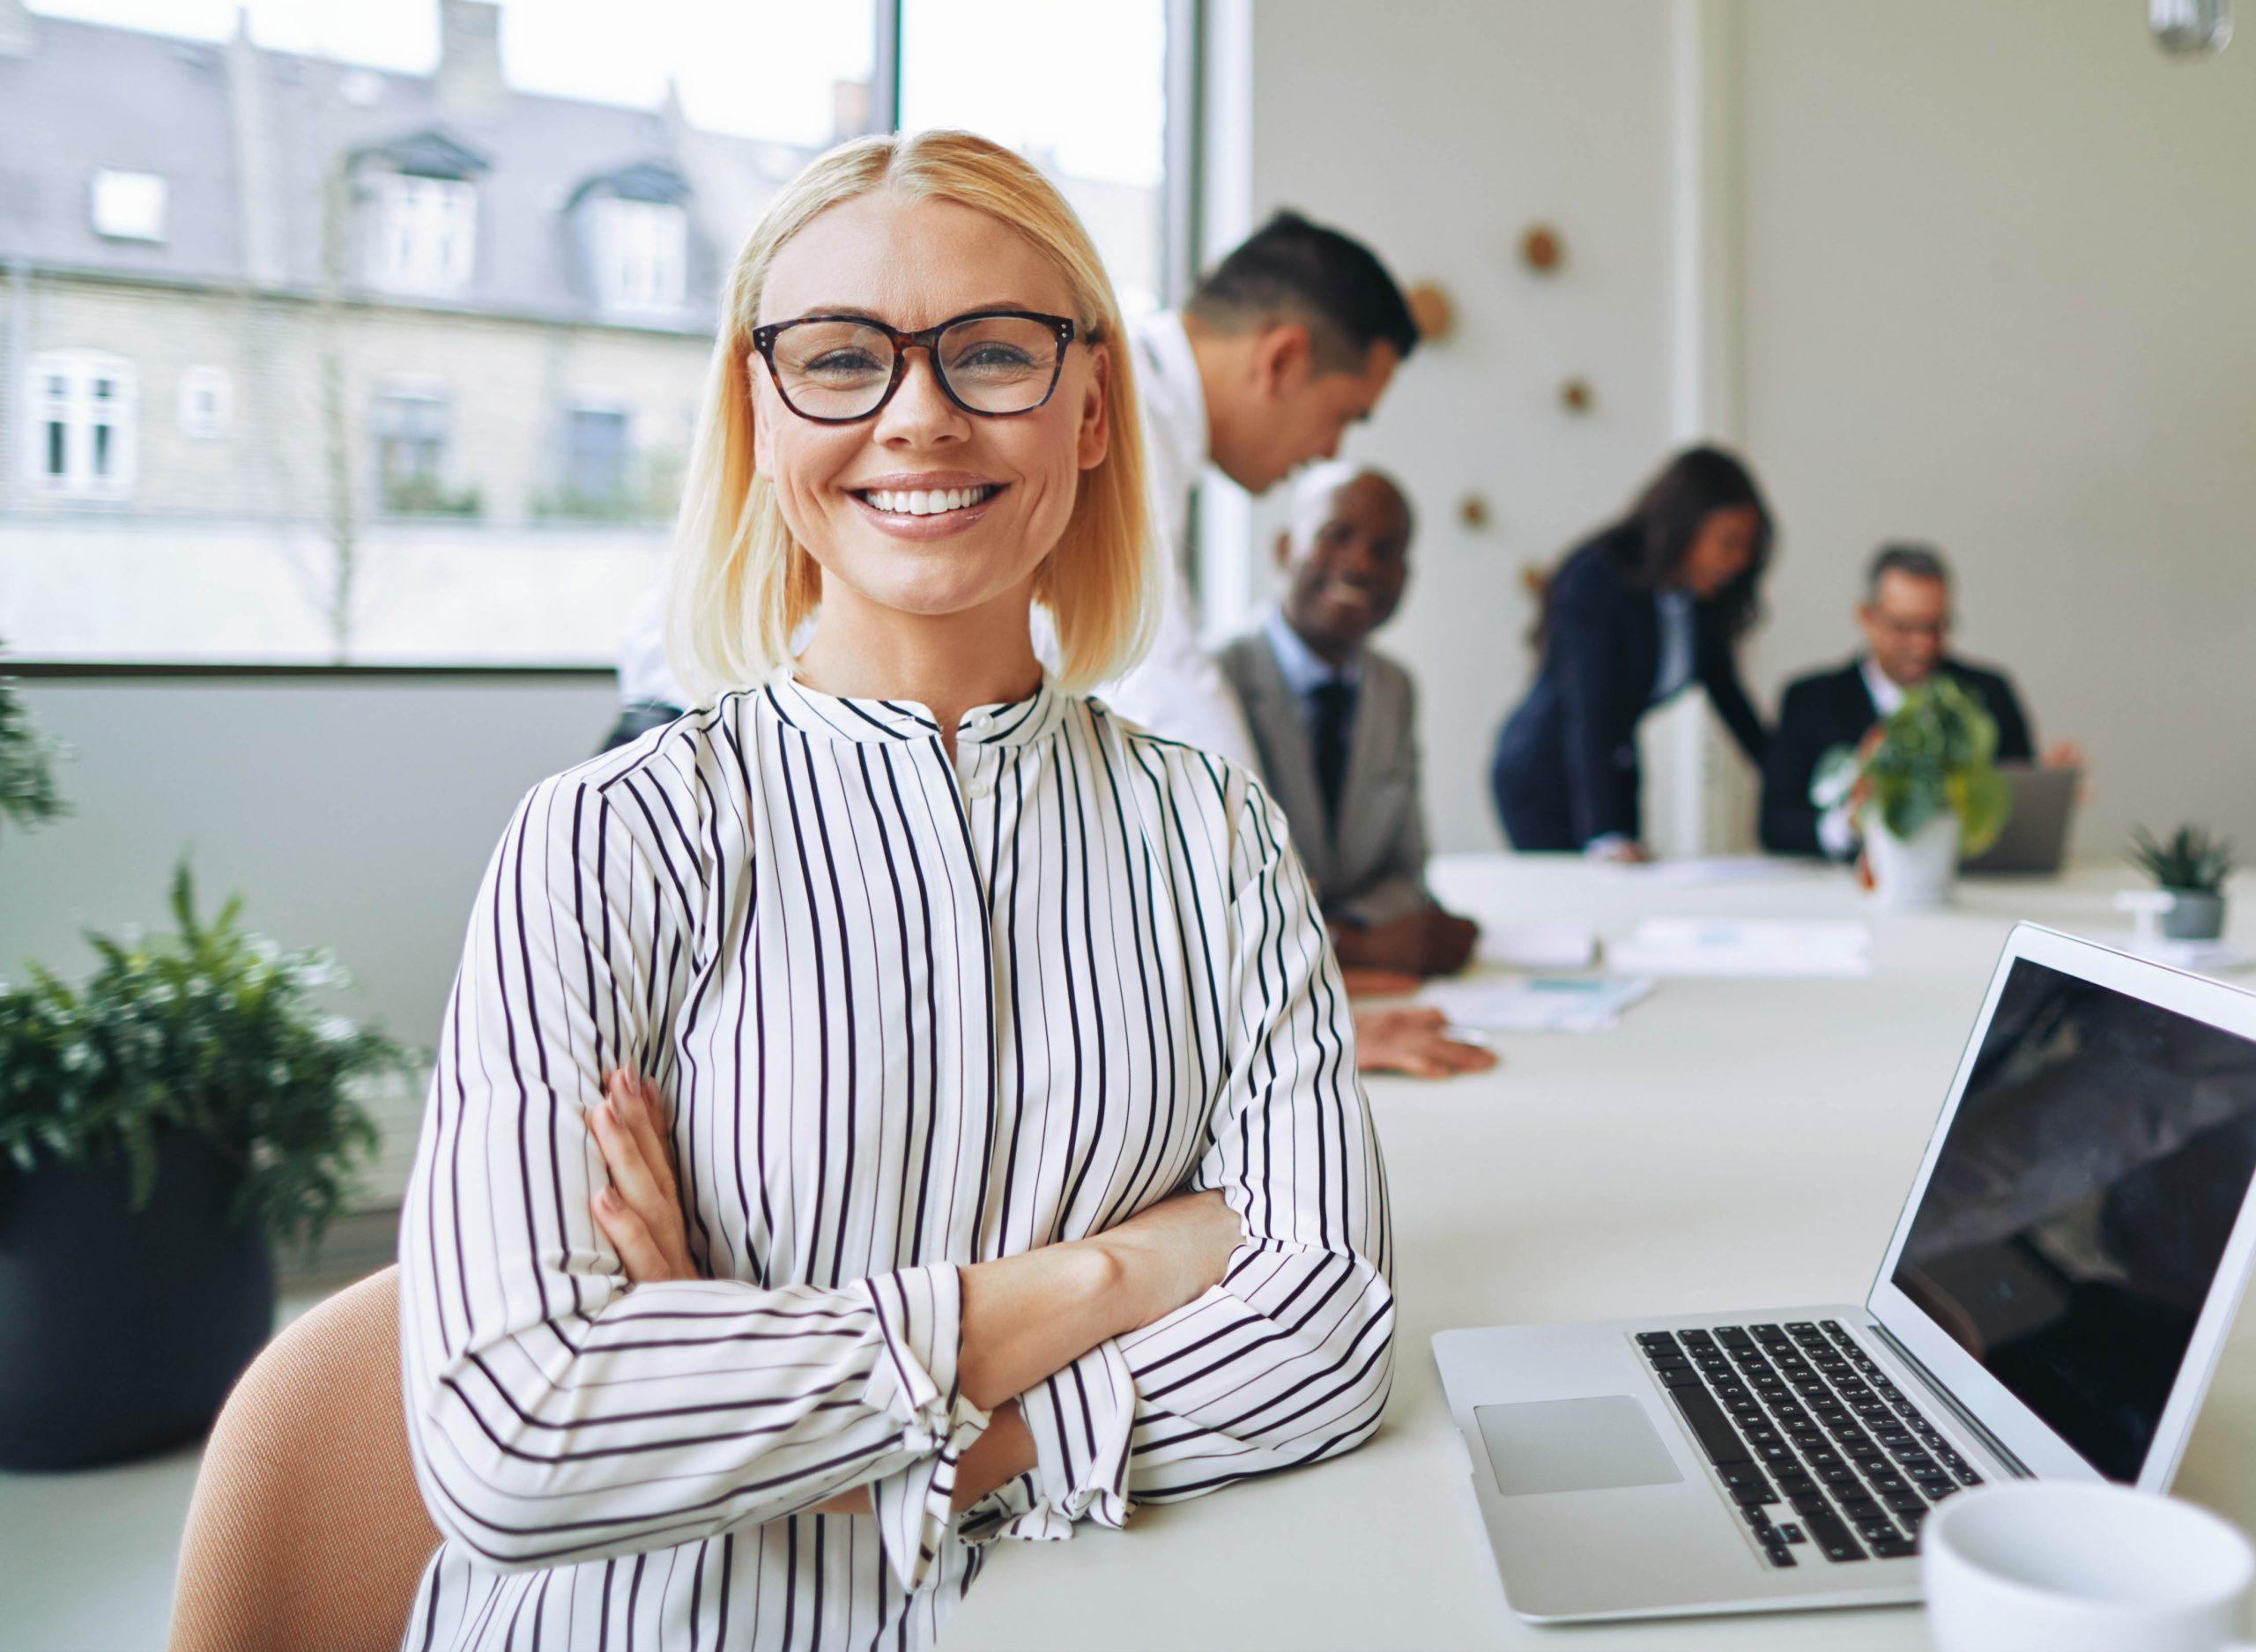 Senhora num escritório a sorrir e olhar diretamente para a câmara com colegas a falarem no fundo